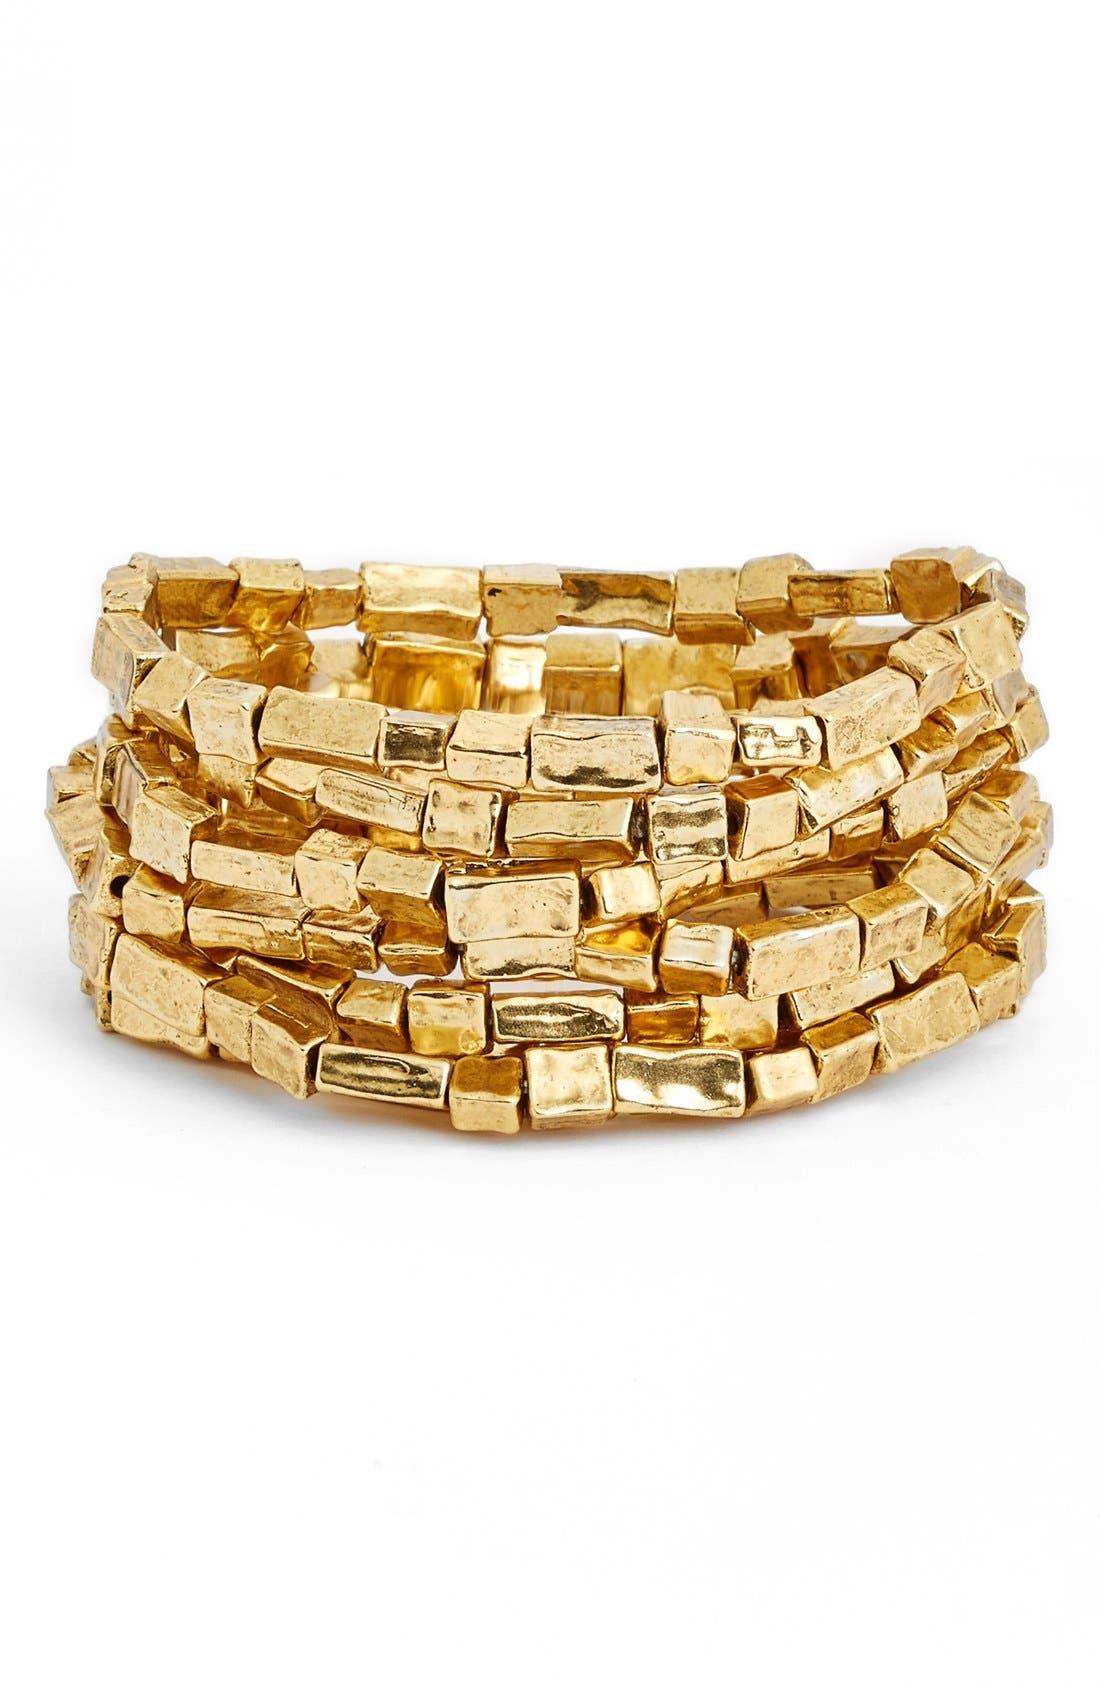 Bracelets (Set Of 7)